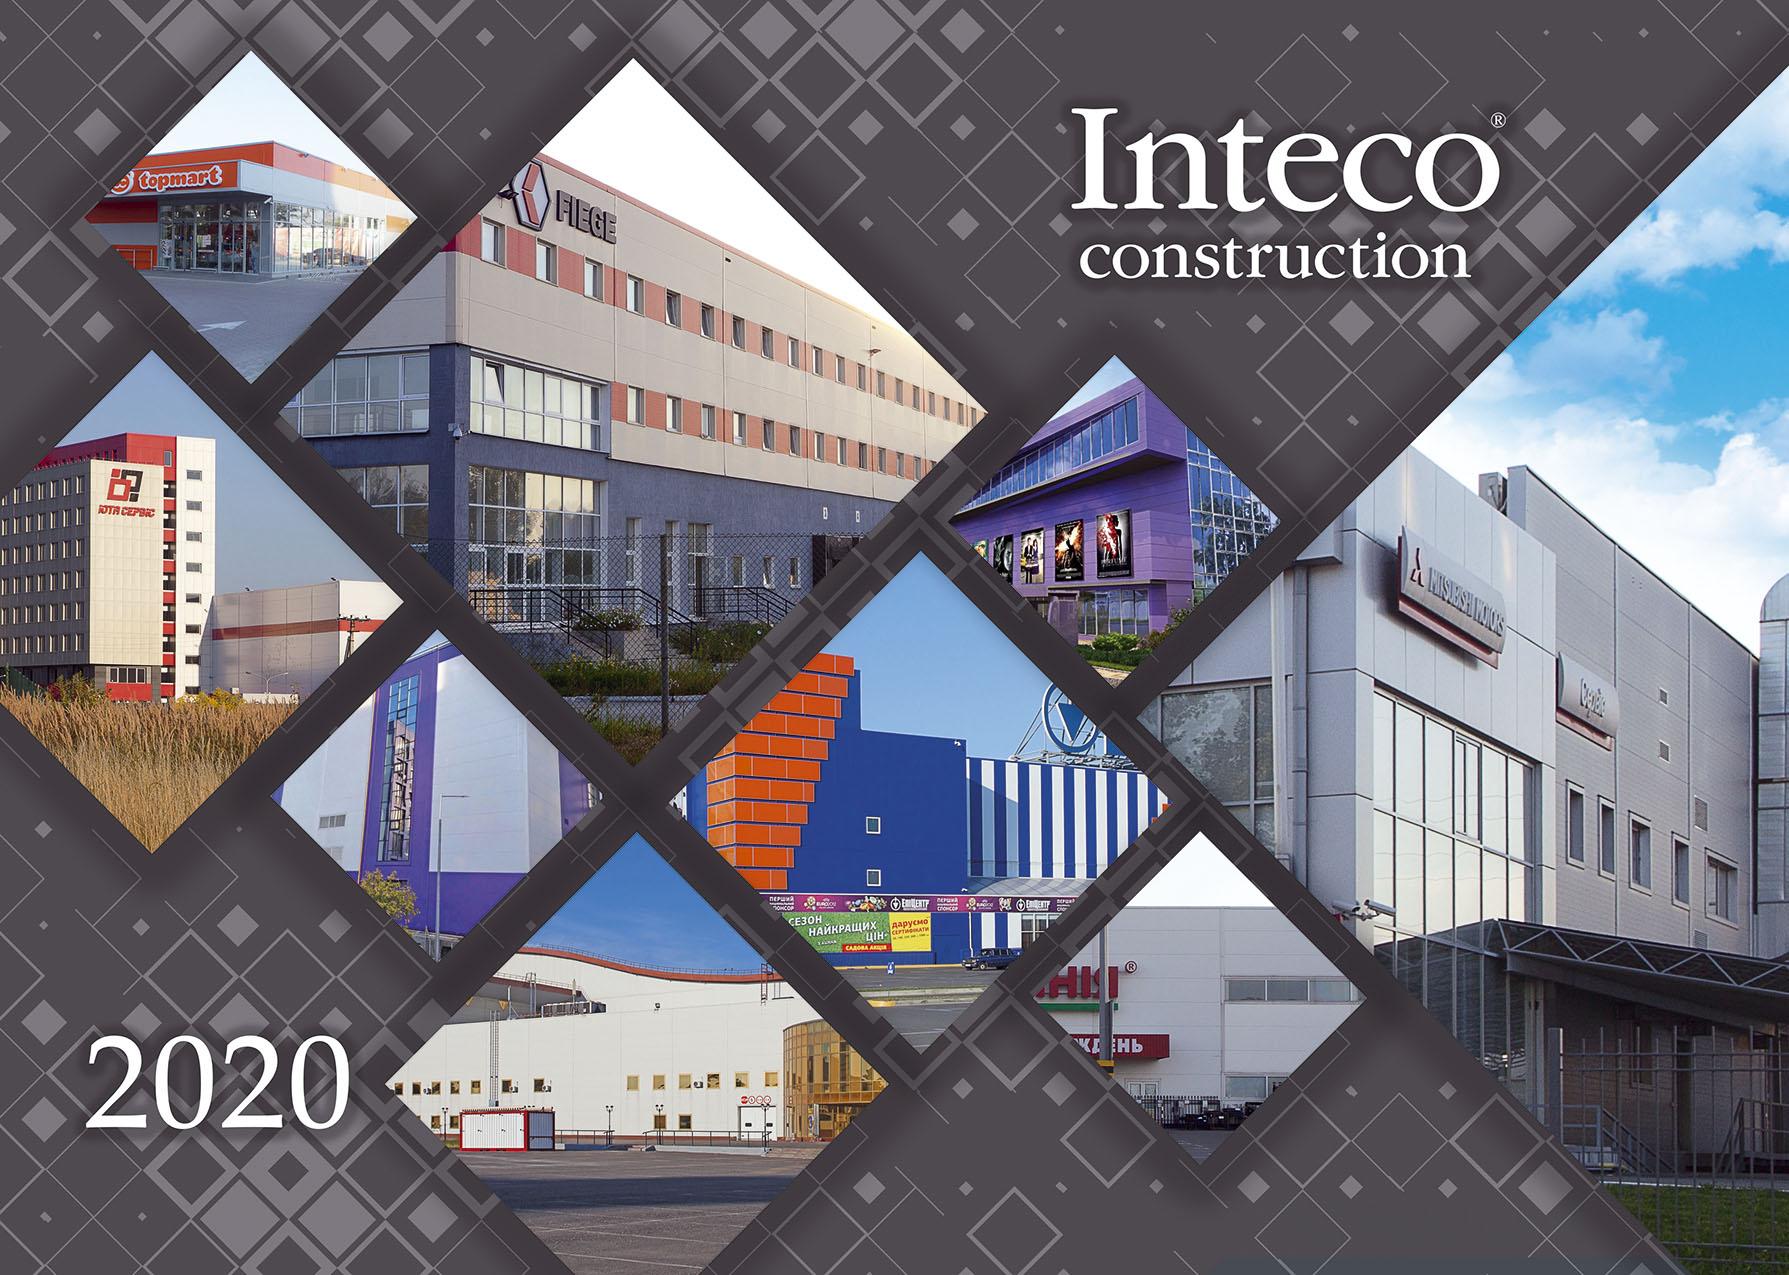 Дизайн квартального календаря завода Inteco вариант №2 www.makety.top